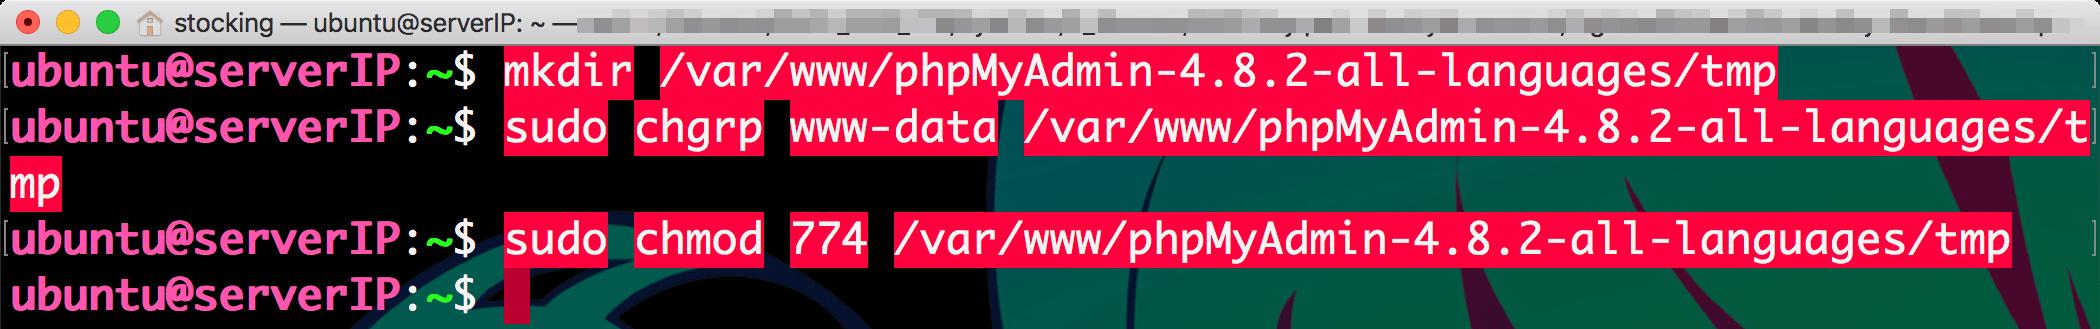 phpMyAdmin 루트폴더에 tmp를 생성하고 그룹과 그룹권한을 지정하는 명령어를 입력했다.